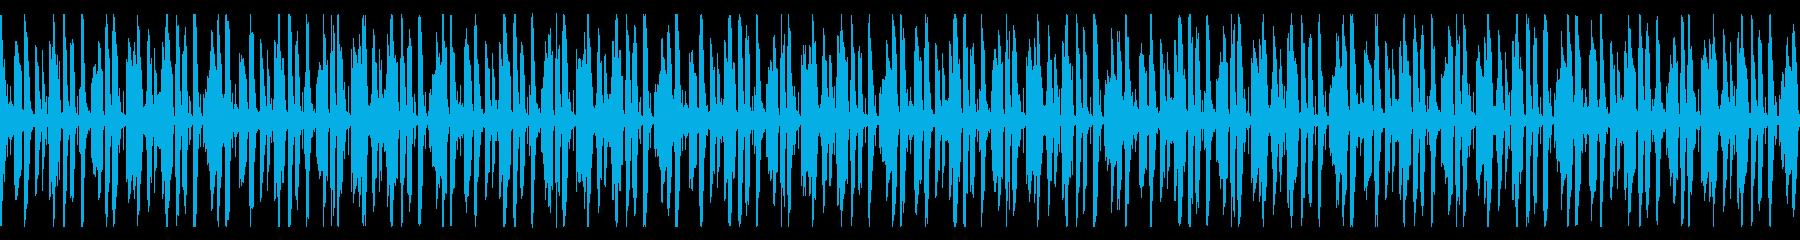 アップテンポなFuture Bassの再生済みの波形